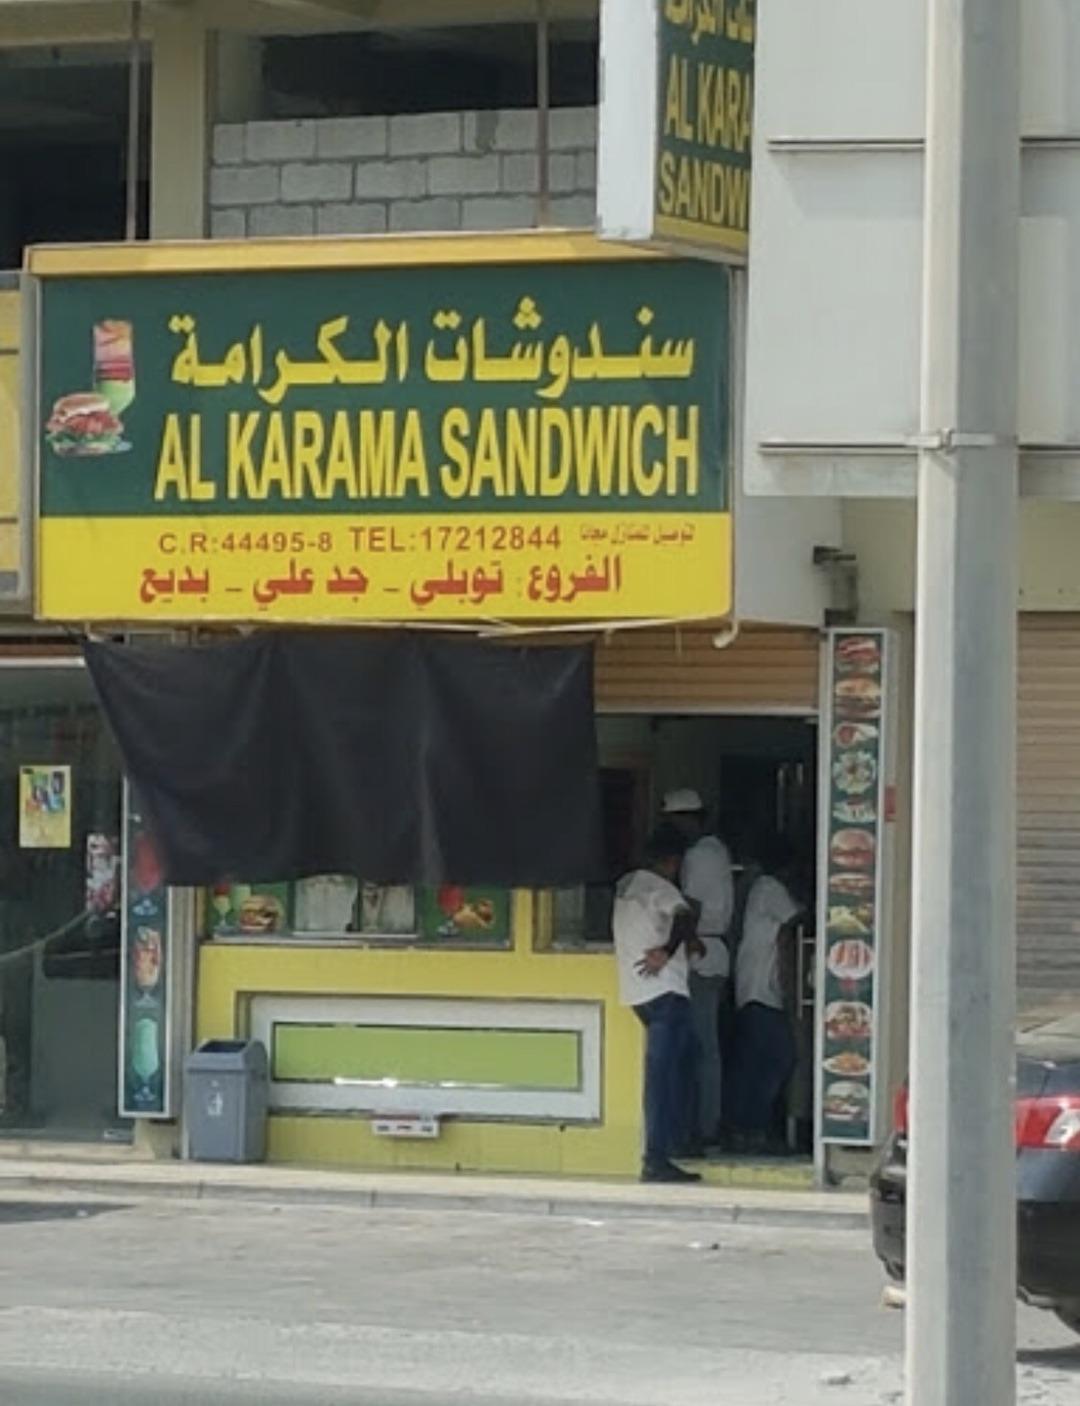 سنويشات الكرامة - Bahrain